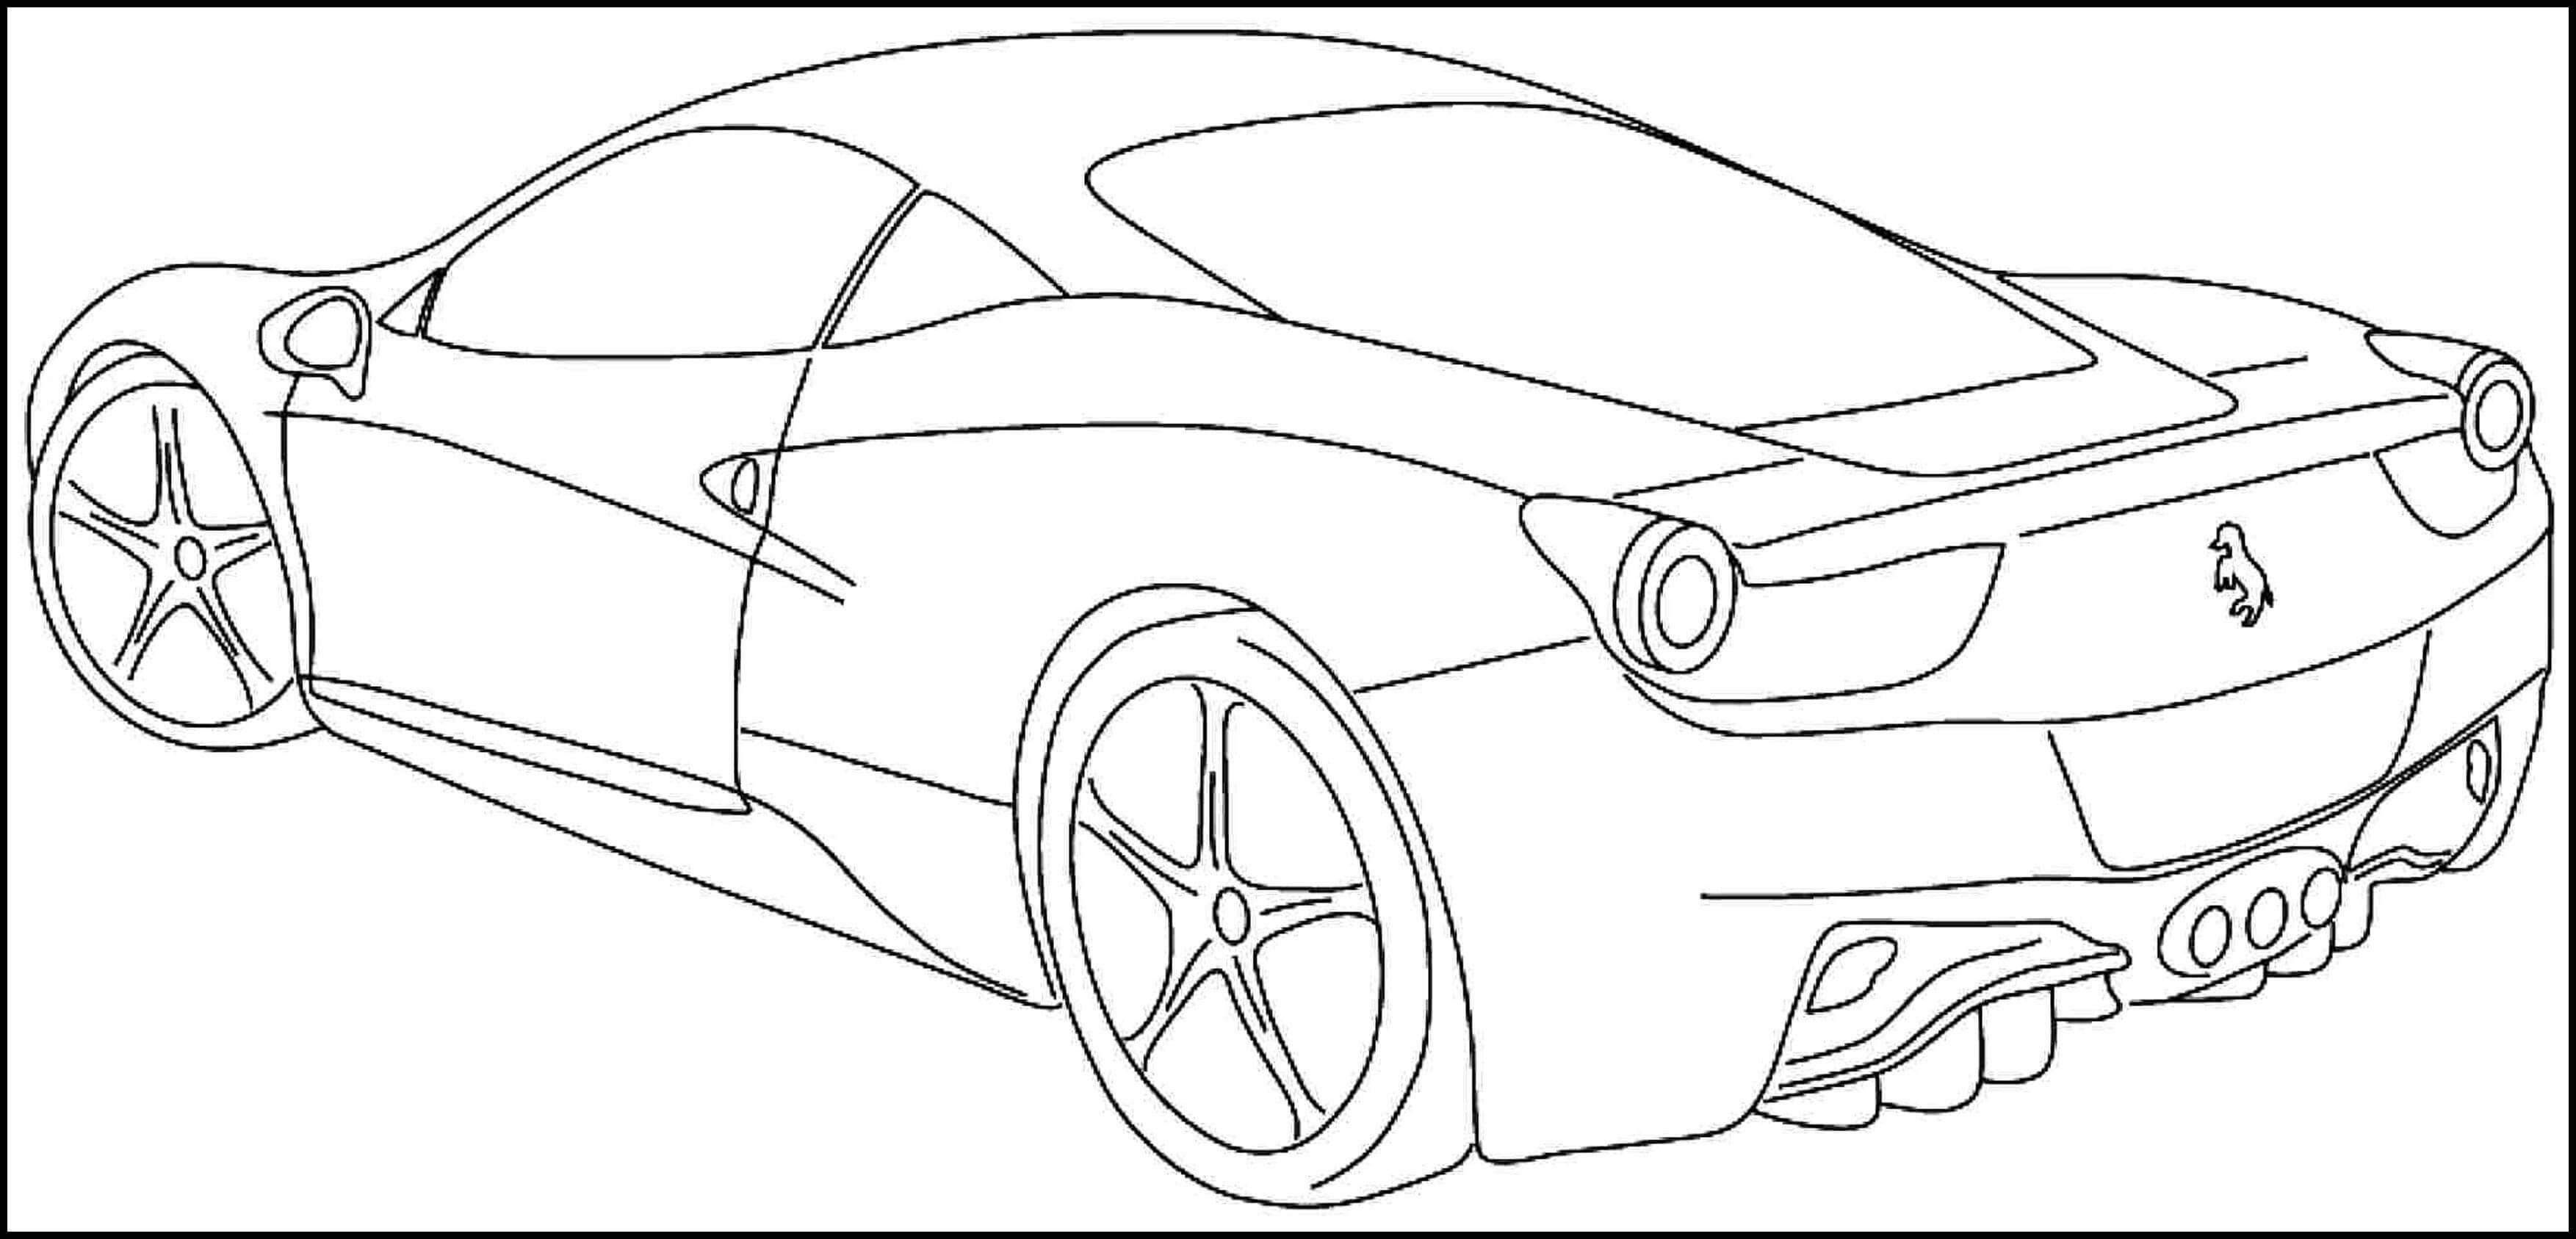 Nascar Clipart Sports Car Outline Nascar Sports Car